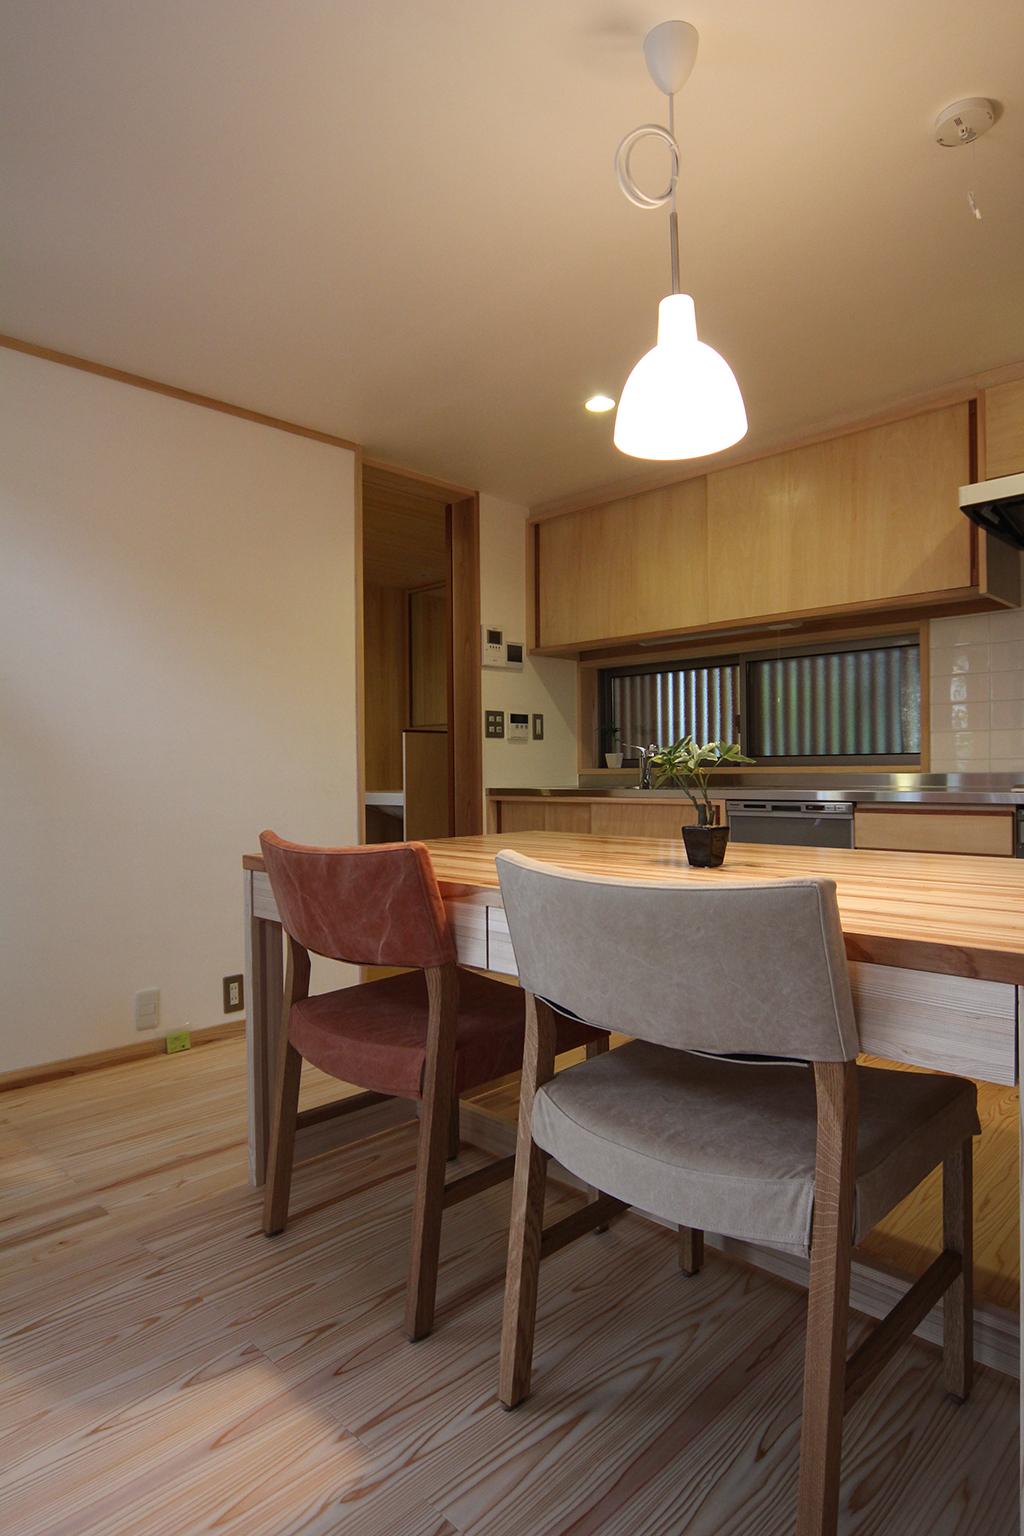 神戸市の木の家 ダイニングキッチン